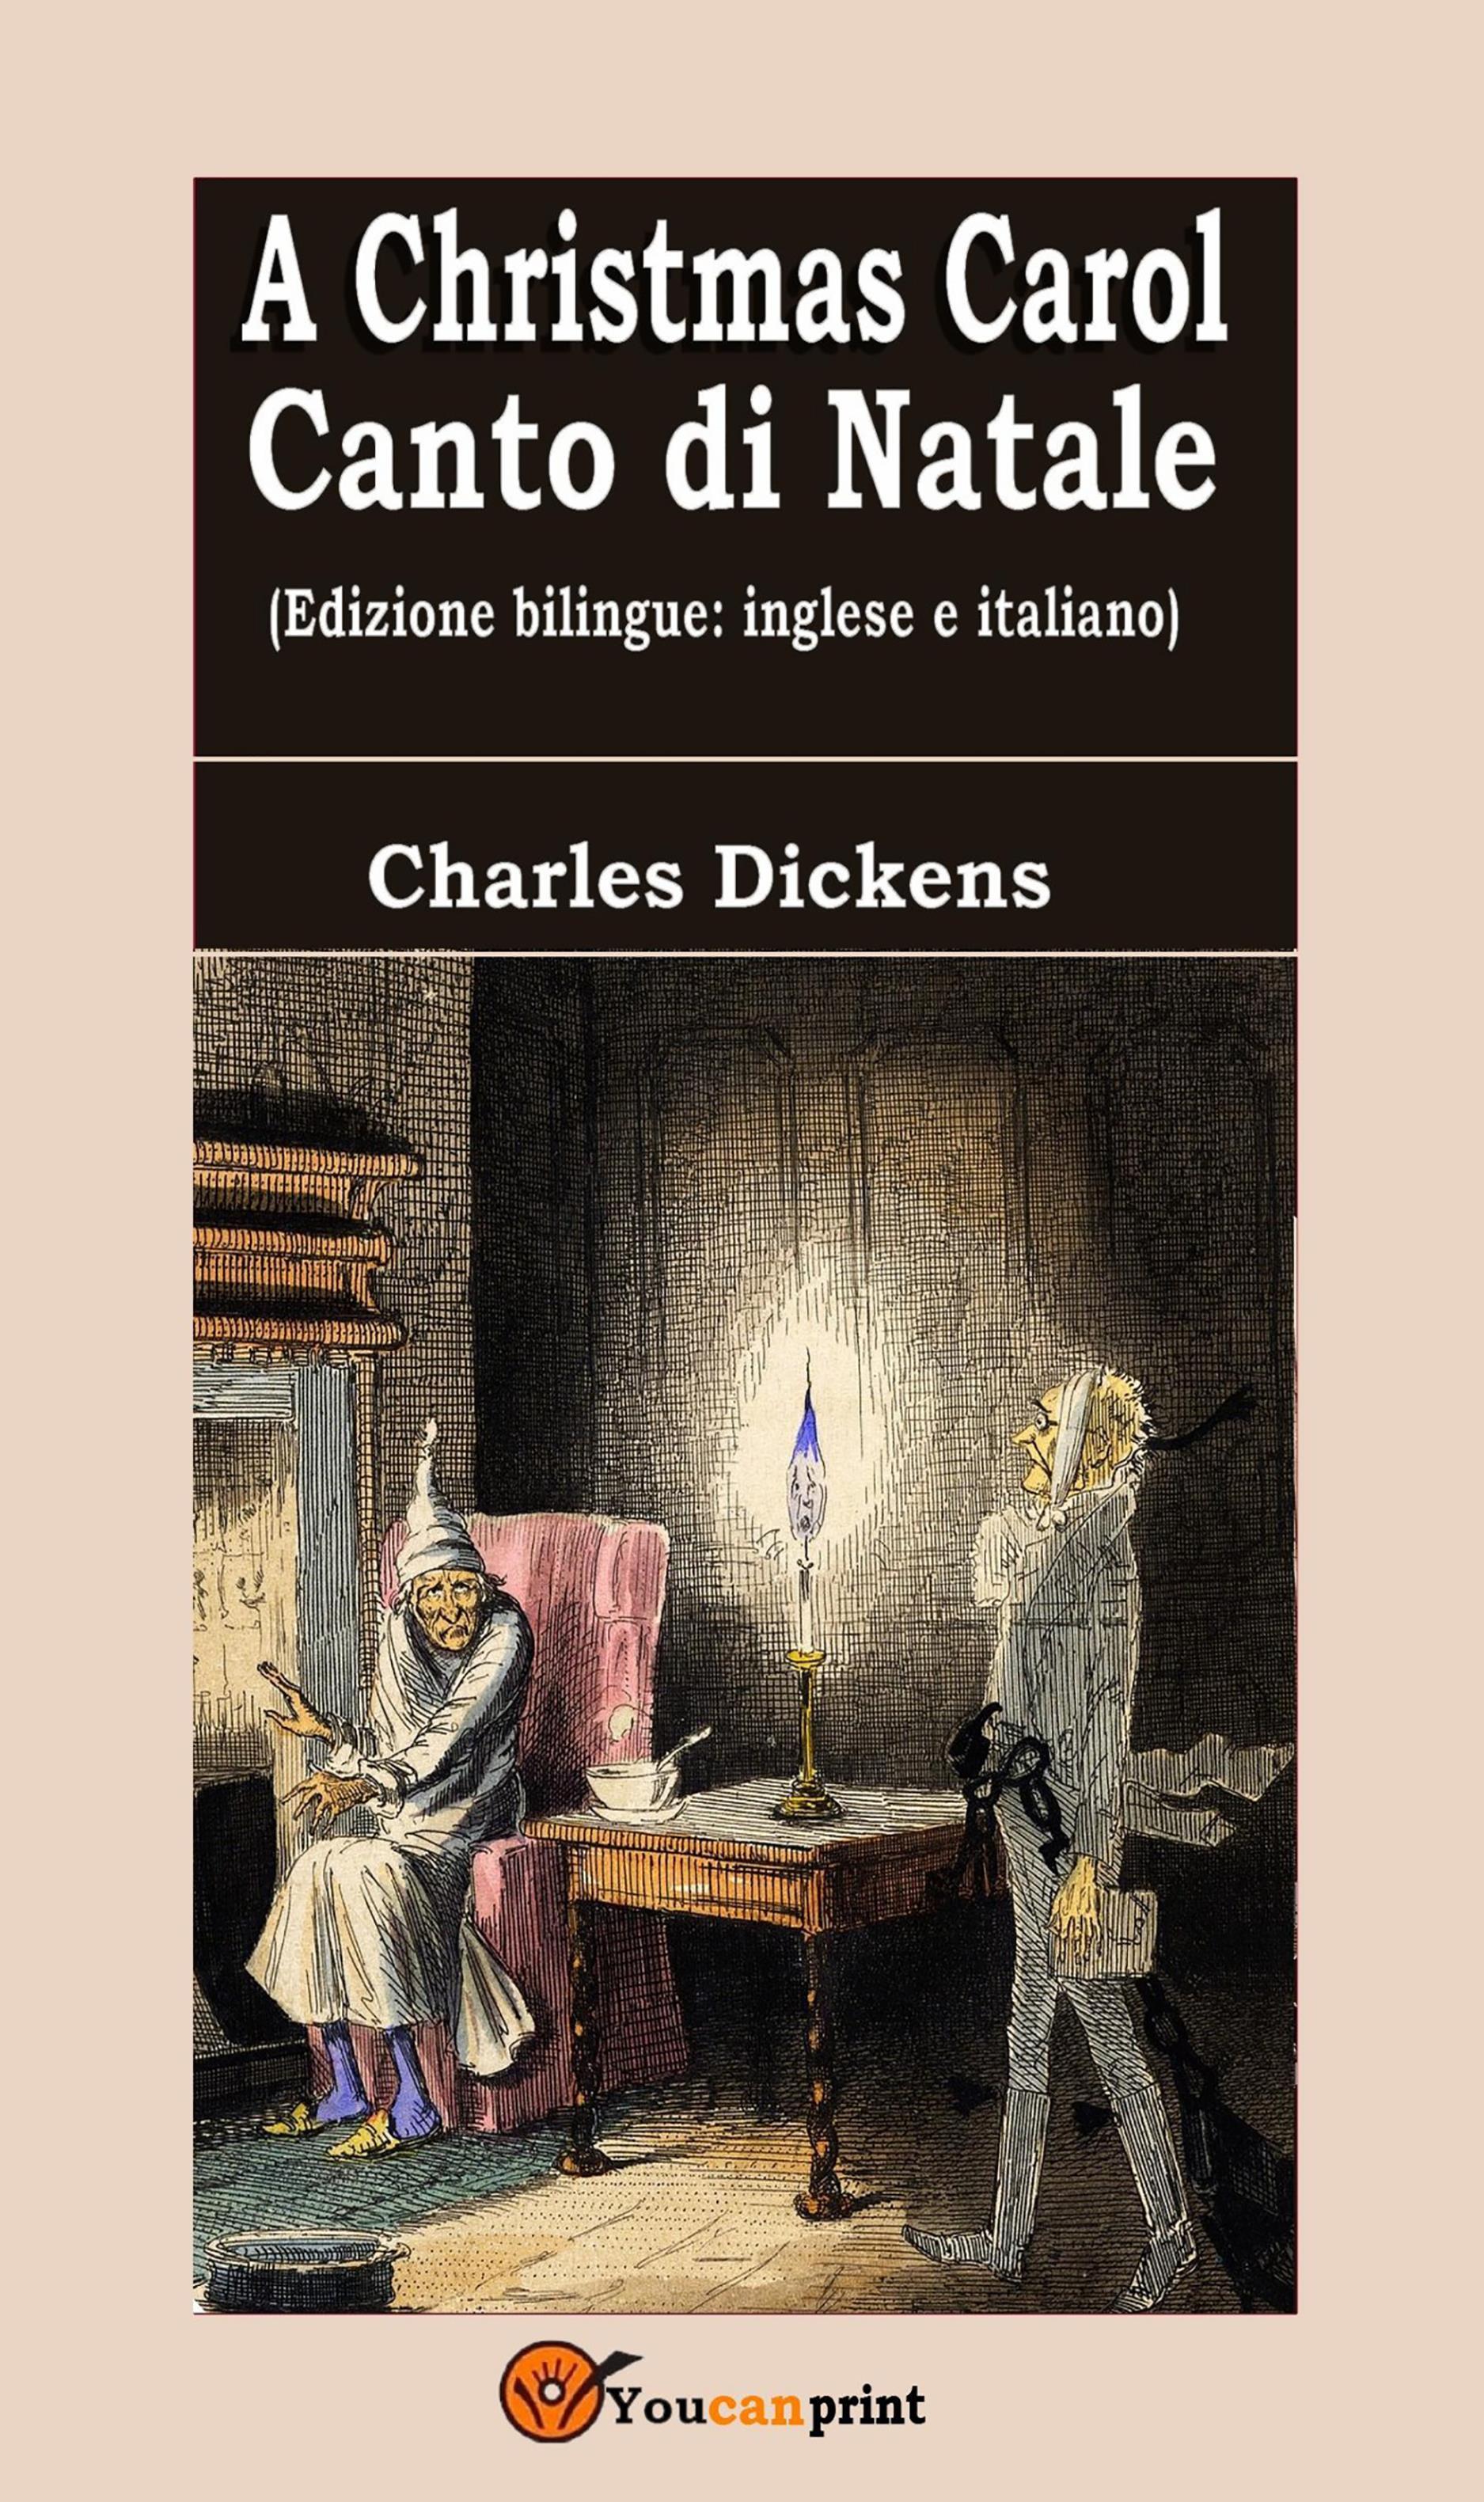 A Christmas Carol - Canto di Natale (Edizione bilingue: inglese e italiano)